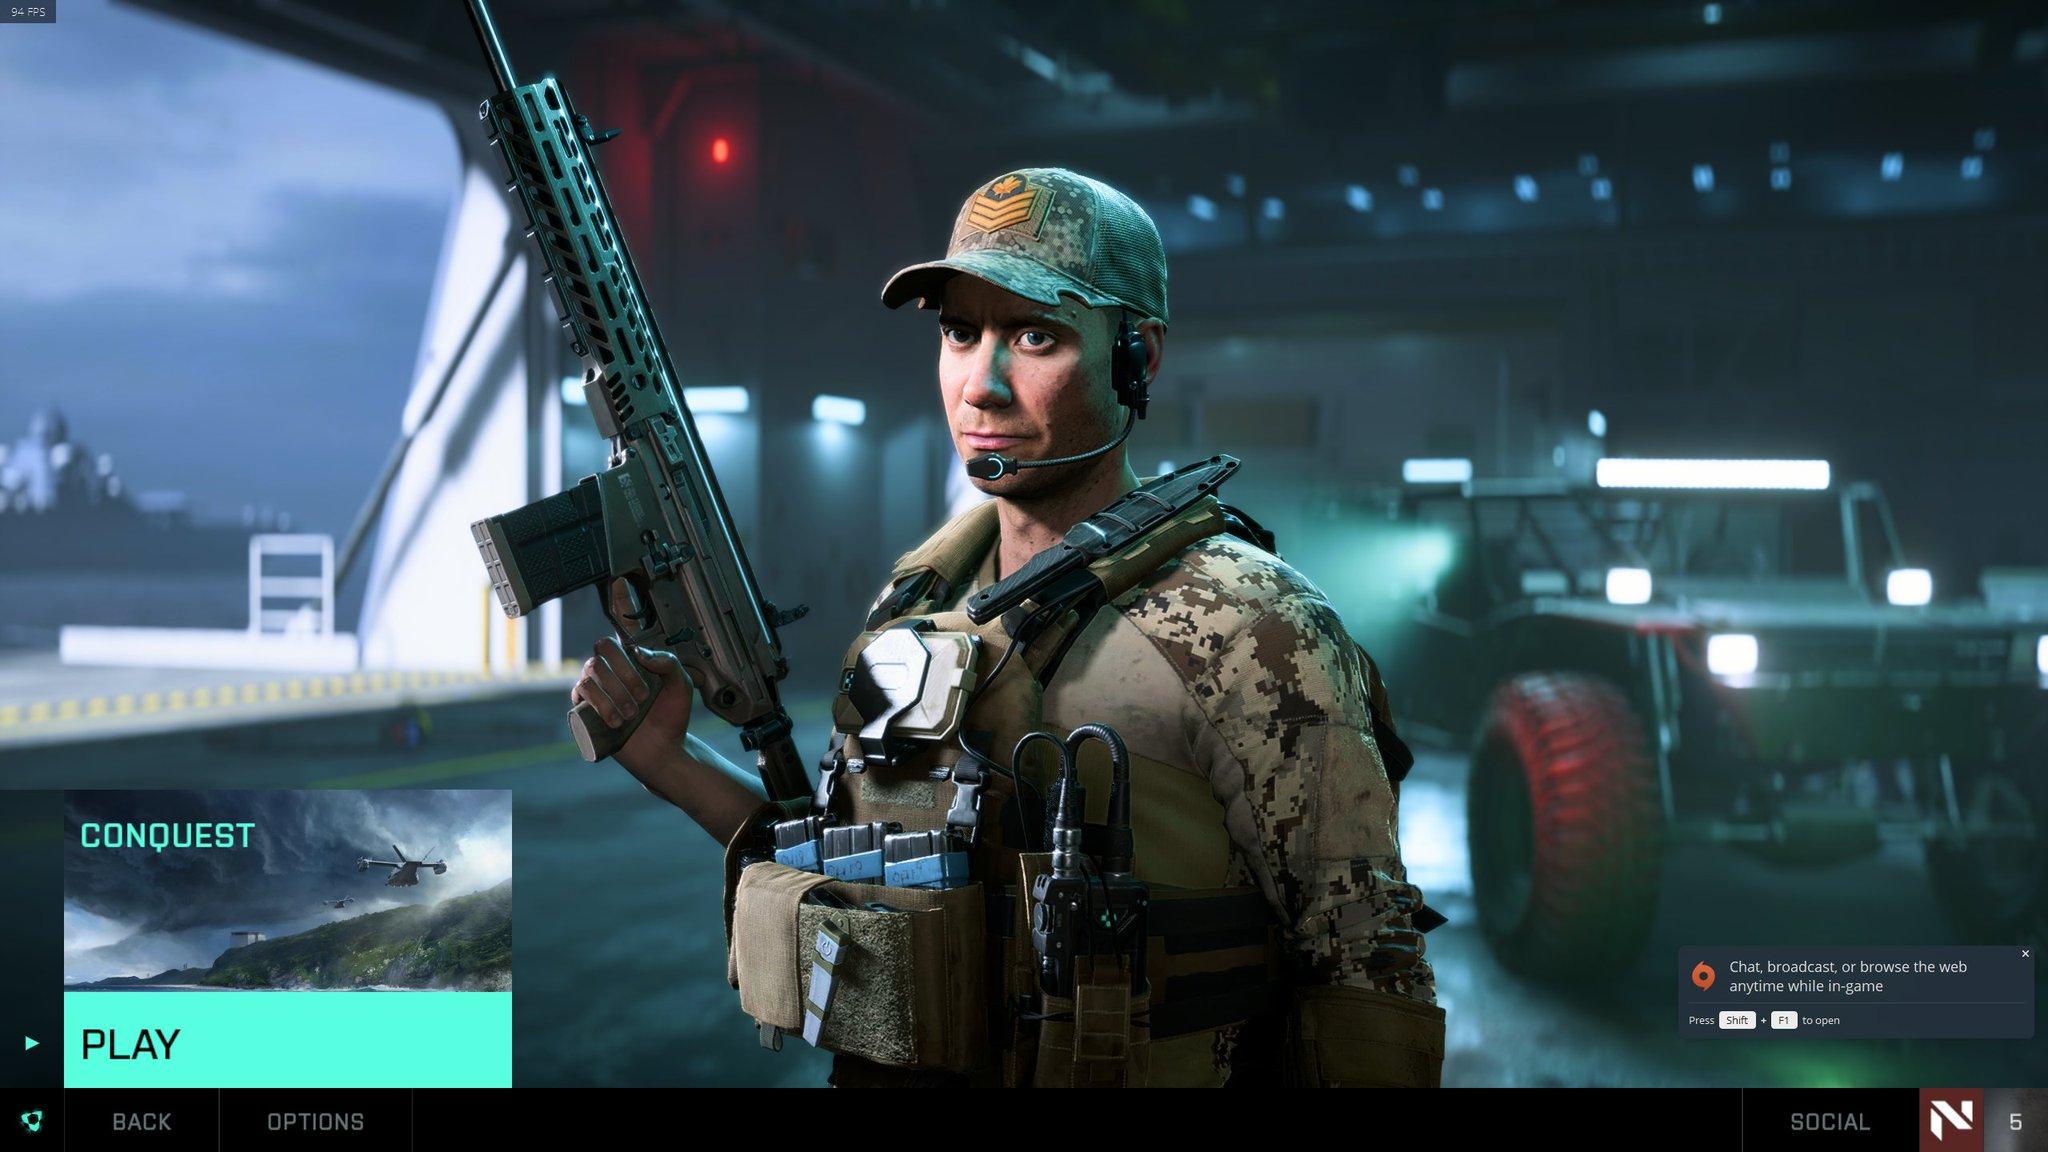 Battlefield beta preview gamersrd